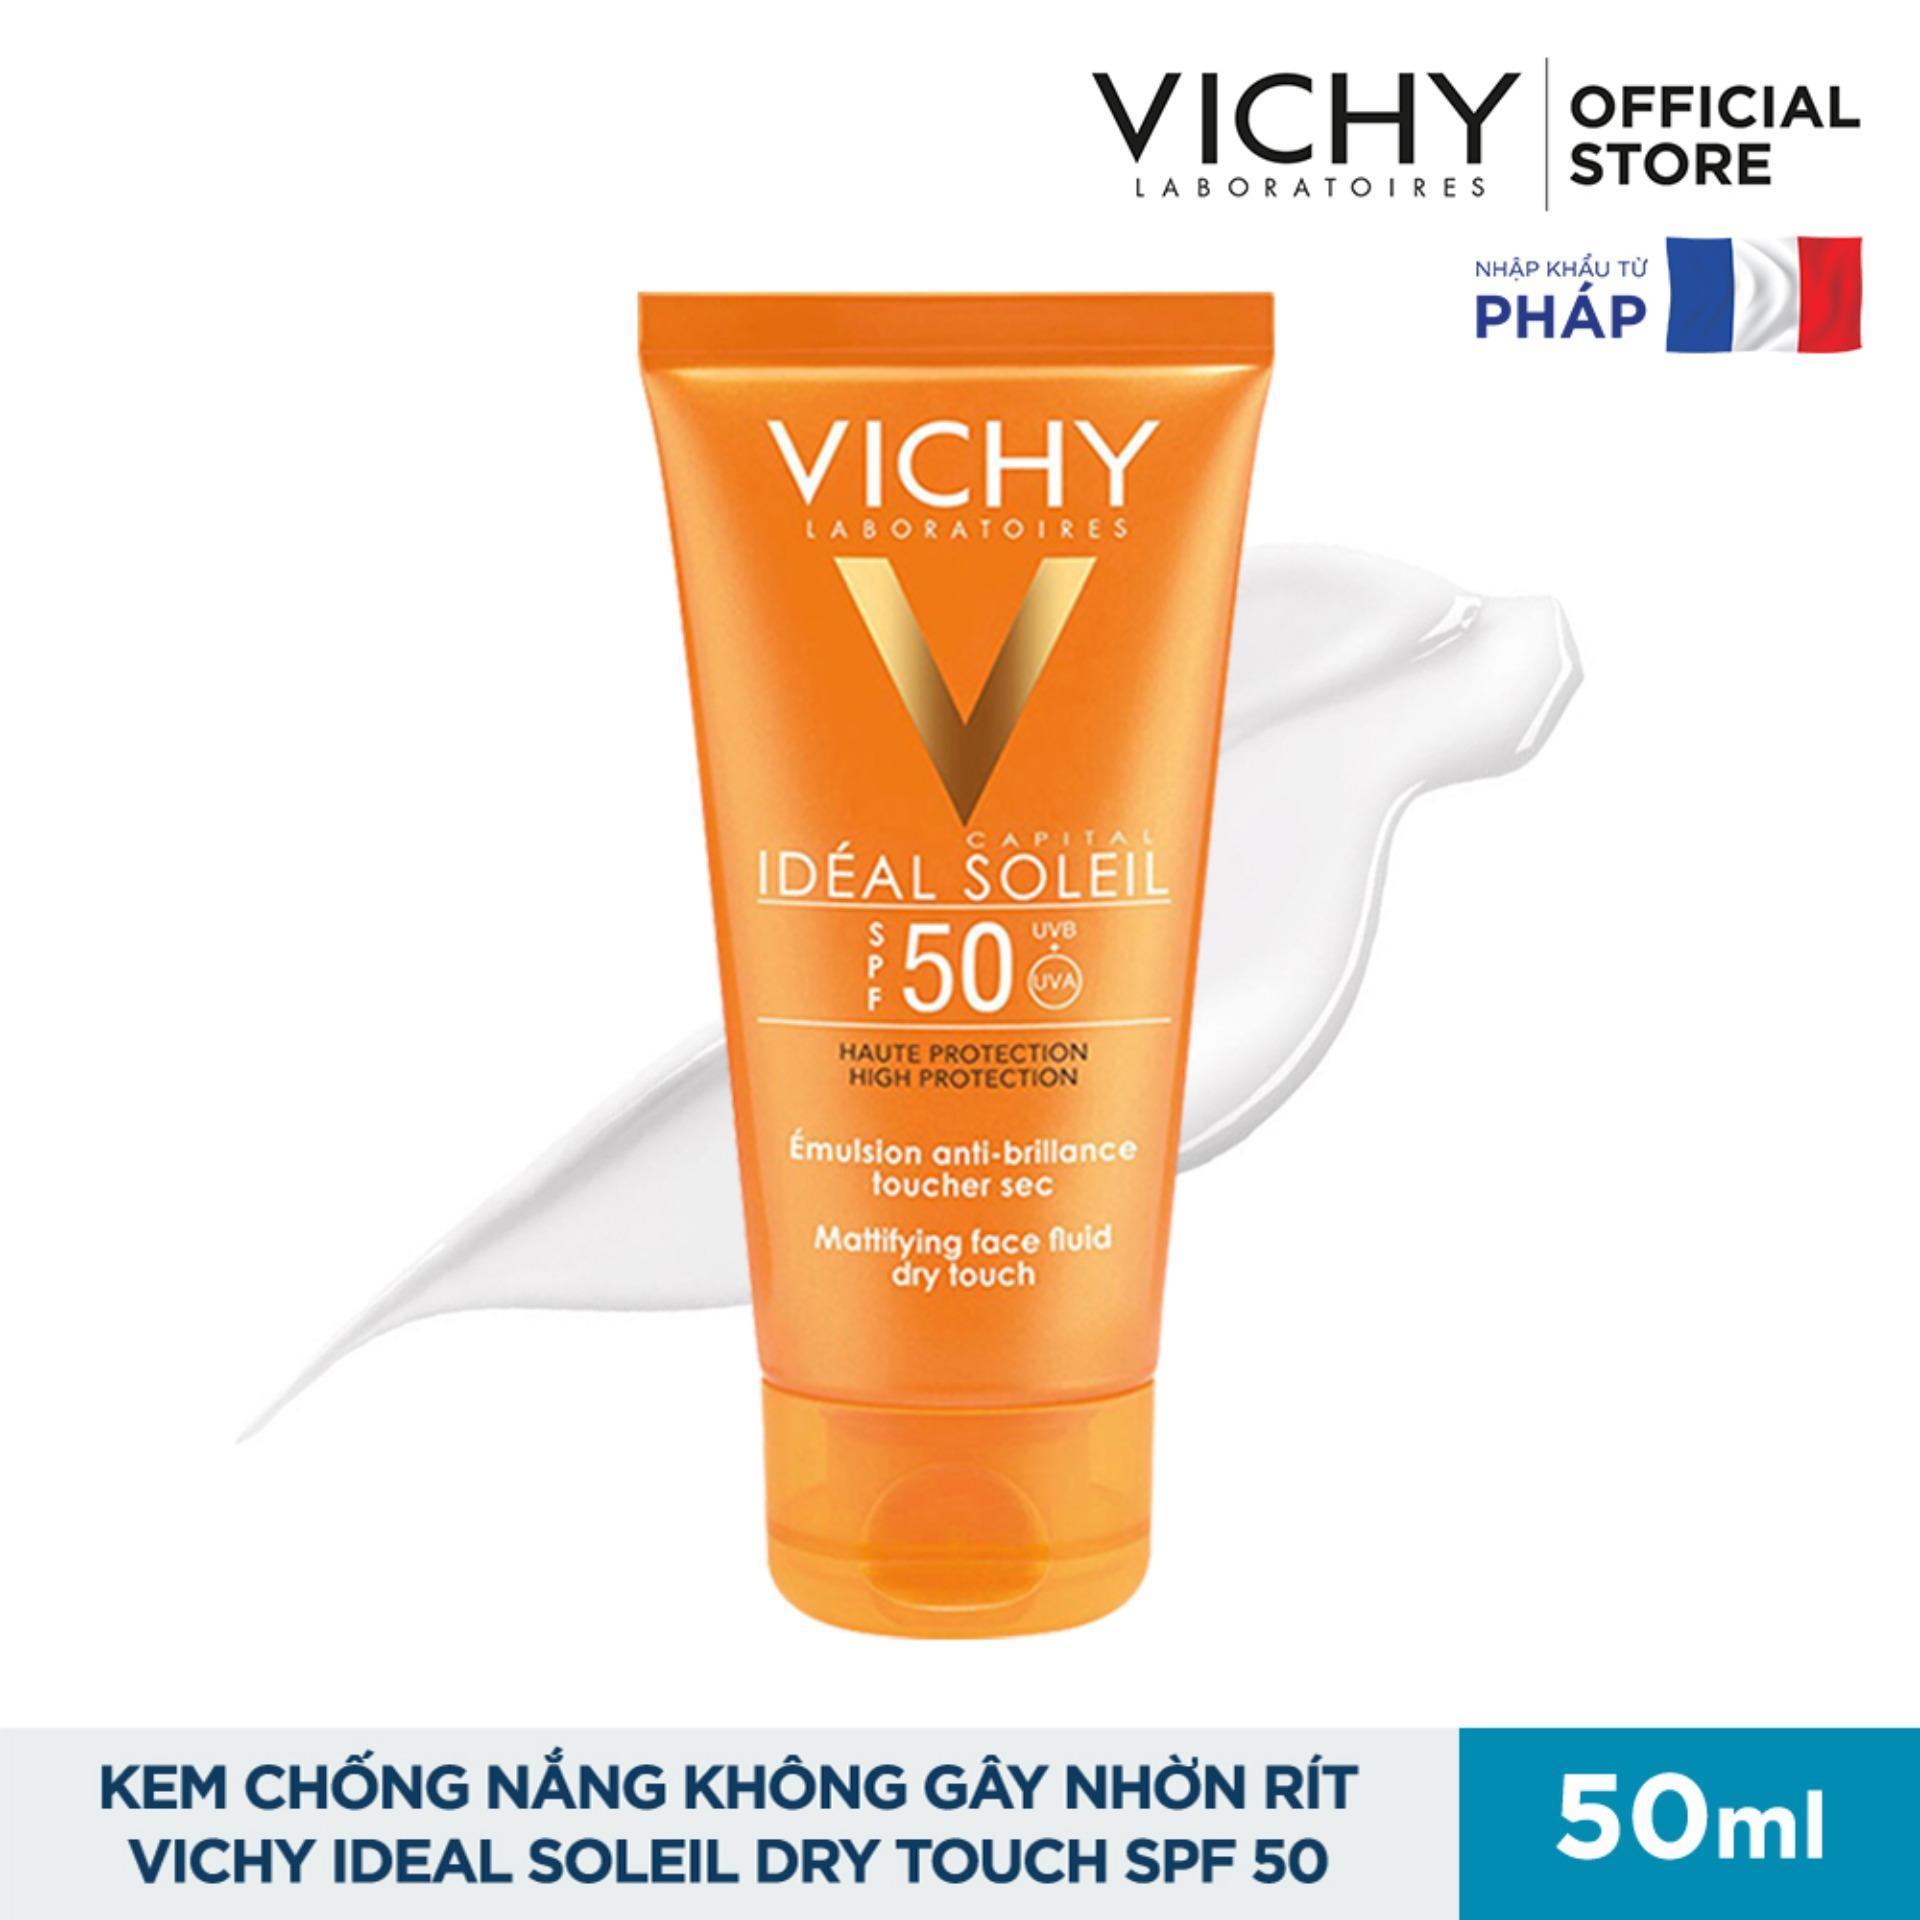 Kem chống nắng không gây nhờn rít Vichy Ideal Soleil Dry Touch SPF 50 Chống Tia UVA + UVB 50ml